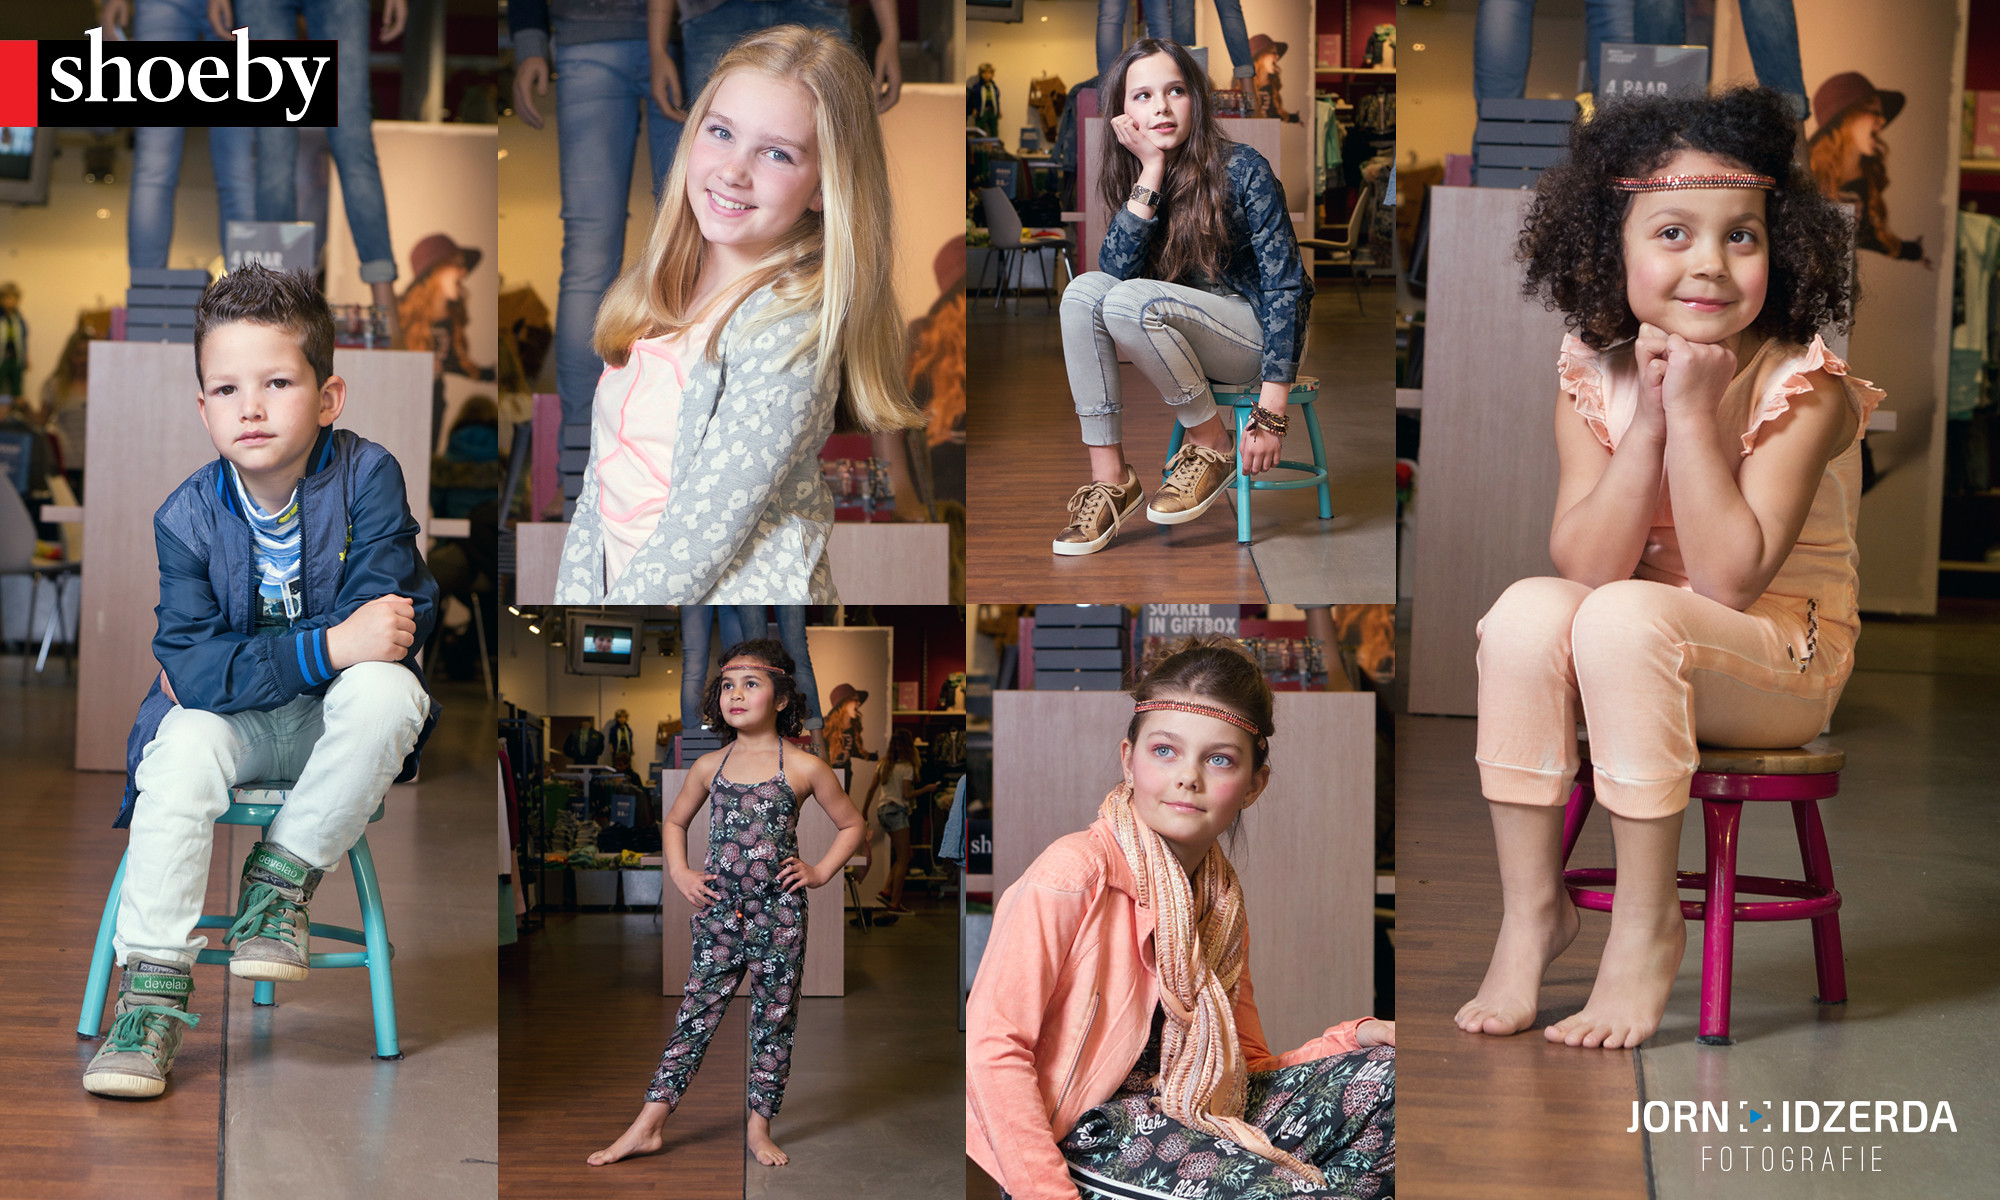 Kinderportretten in de winkel voor Shoeby